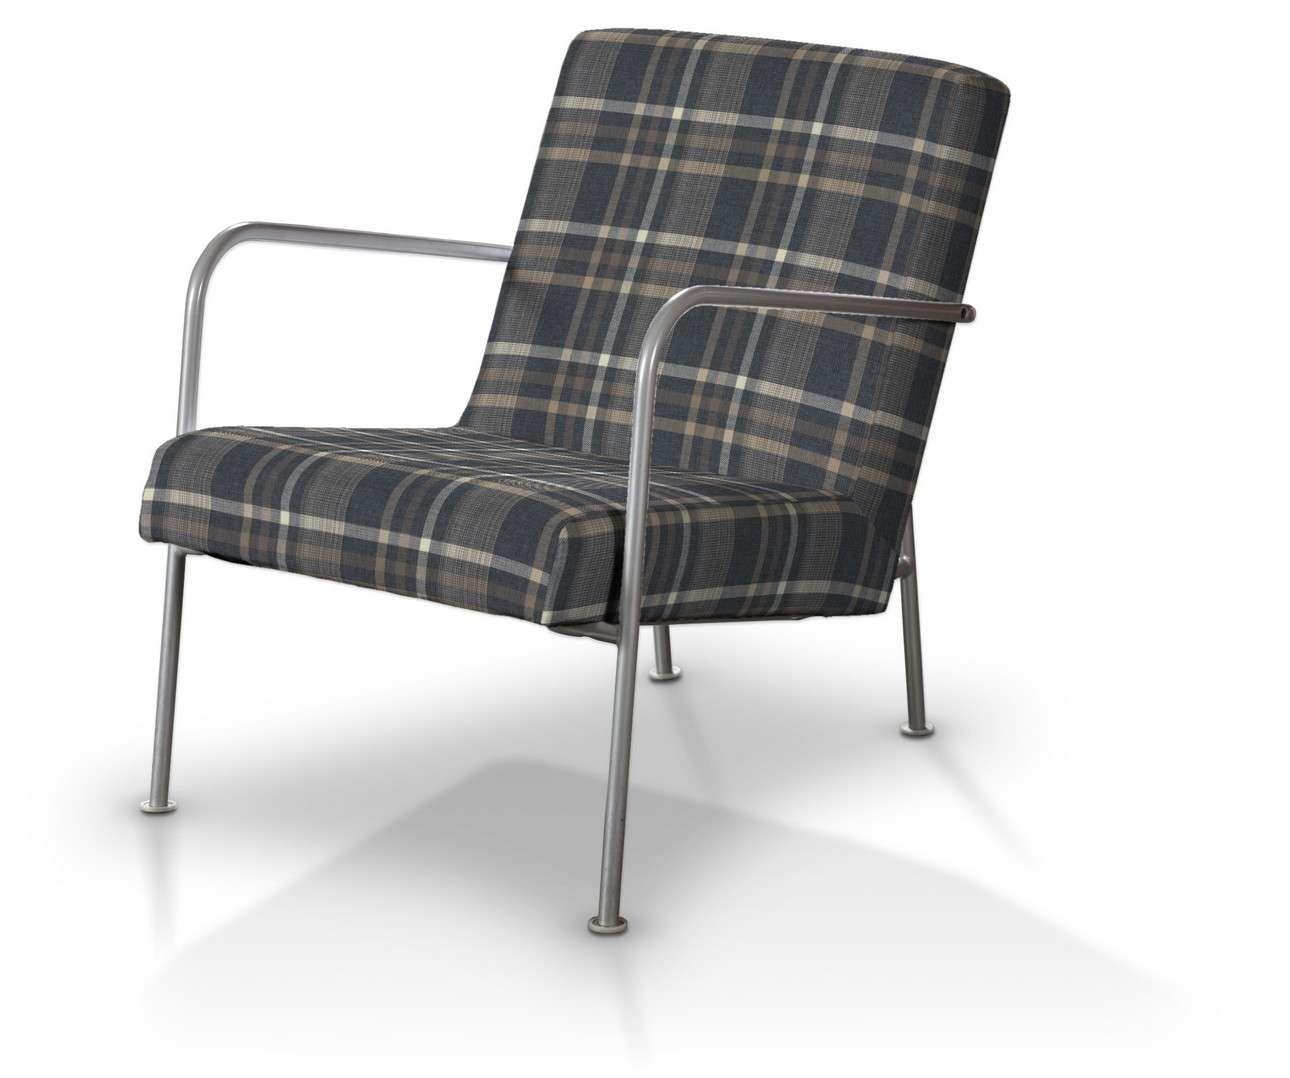 Pokrowiec na fotel Ikea PS w kolekcji Edinburgh, tkanina: 703-16